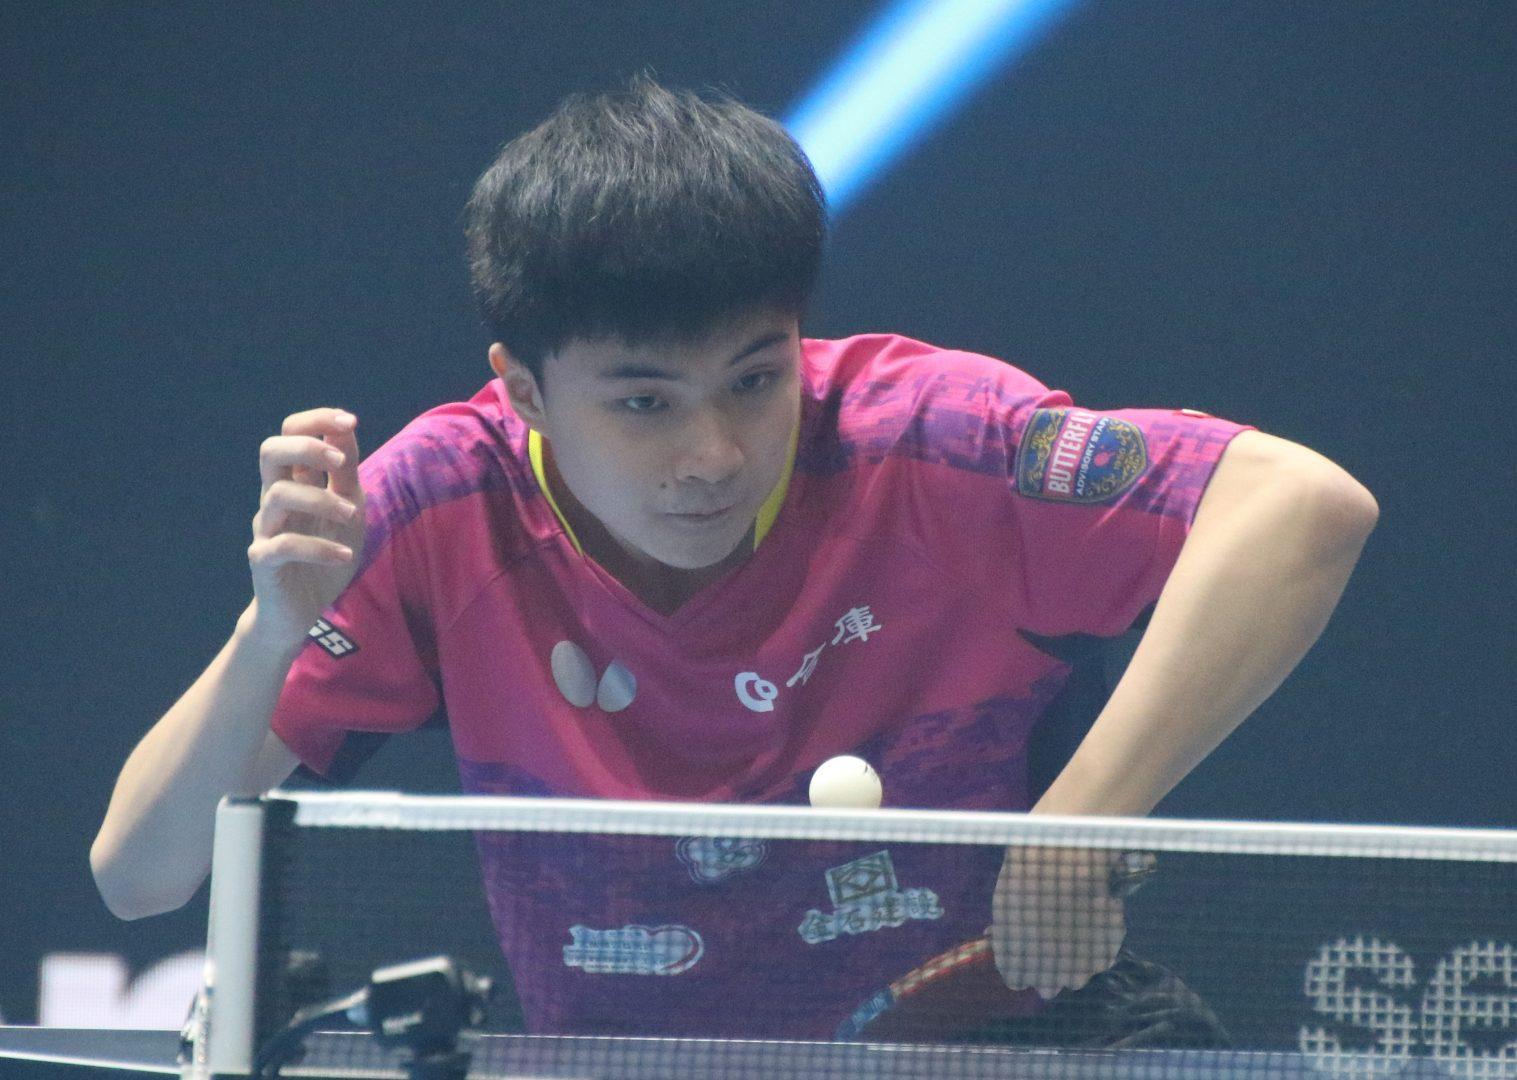 18歳・林昀儒、ベスト8進出 前回王者の意地見せる<卓球・T2ダイヤモンド>